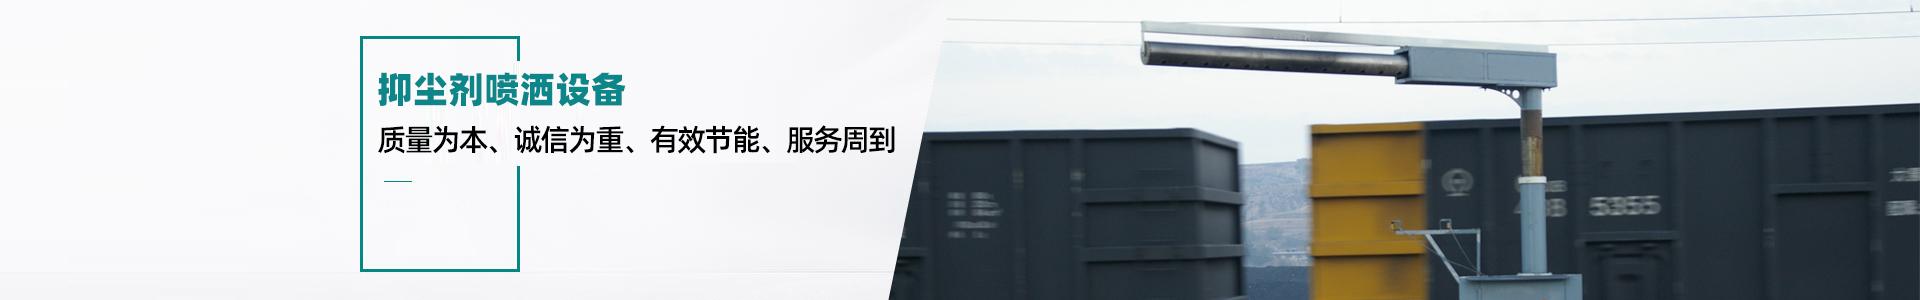 泰安科大热工有限公司